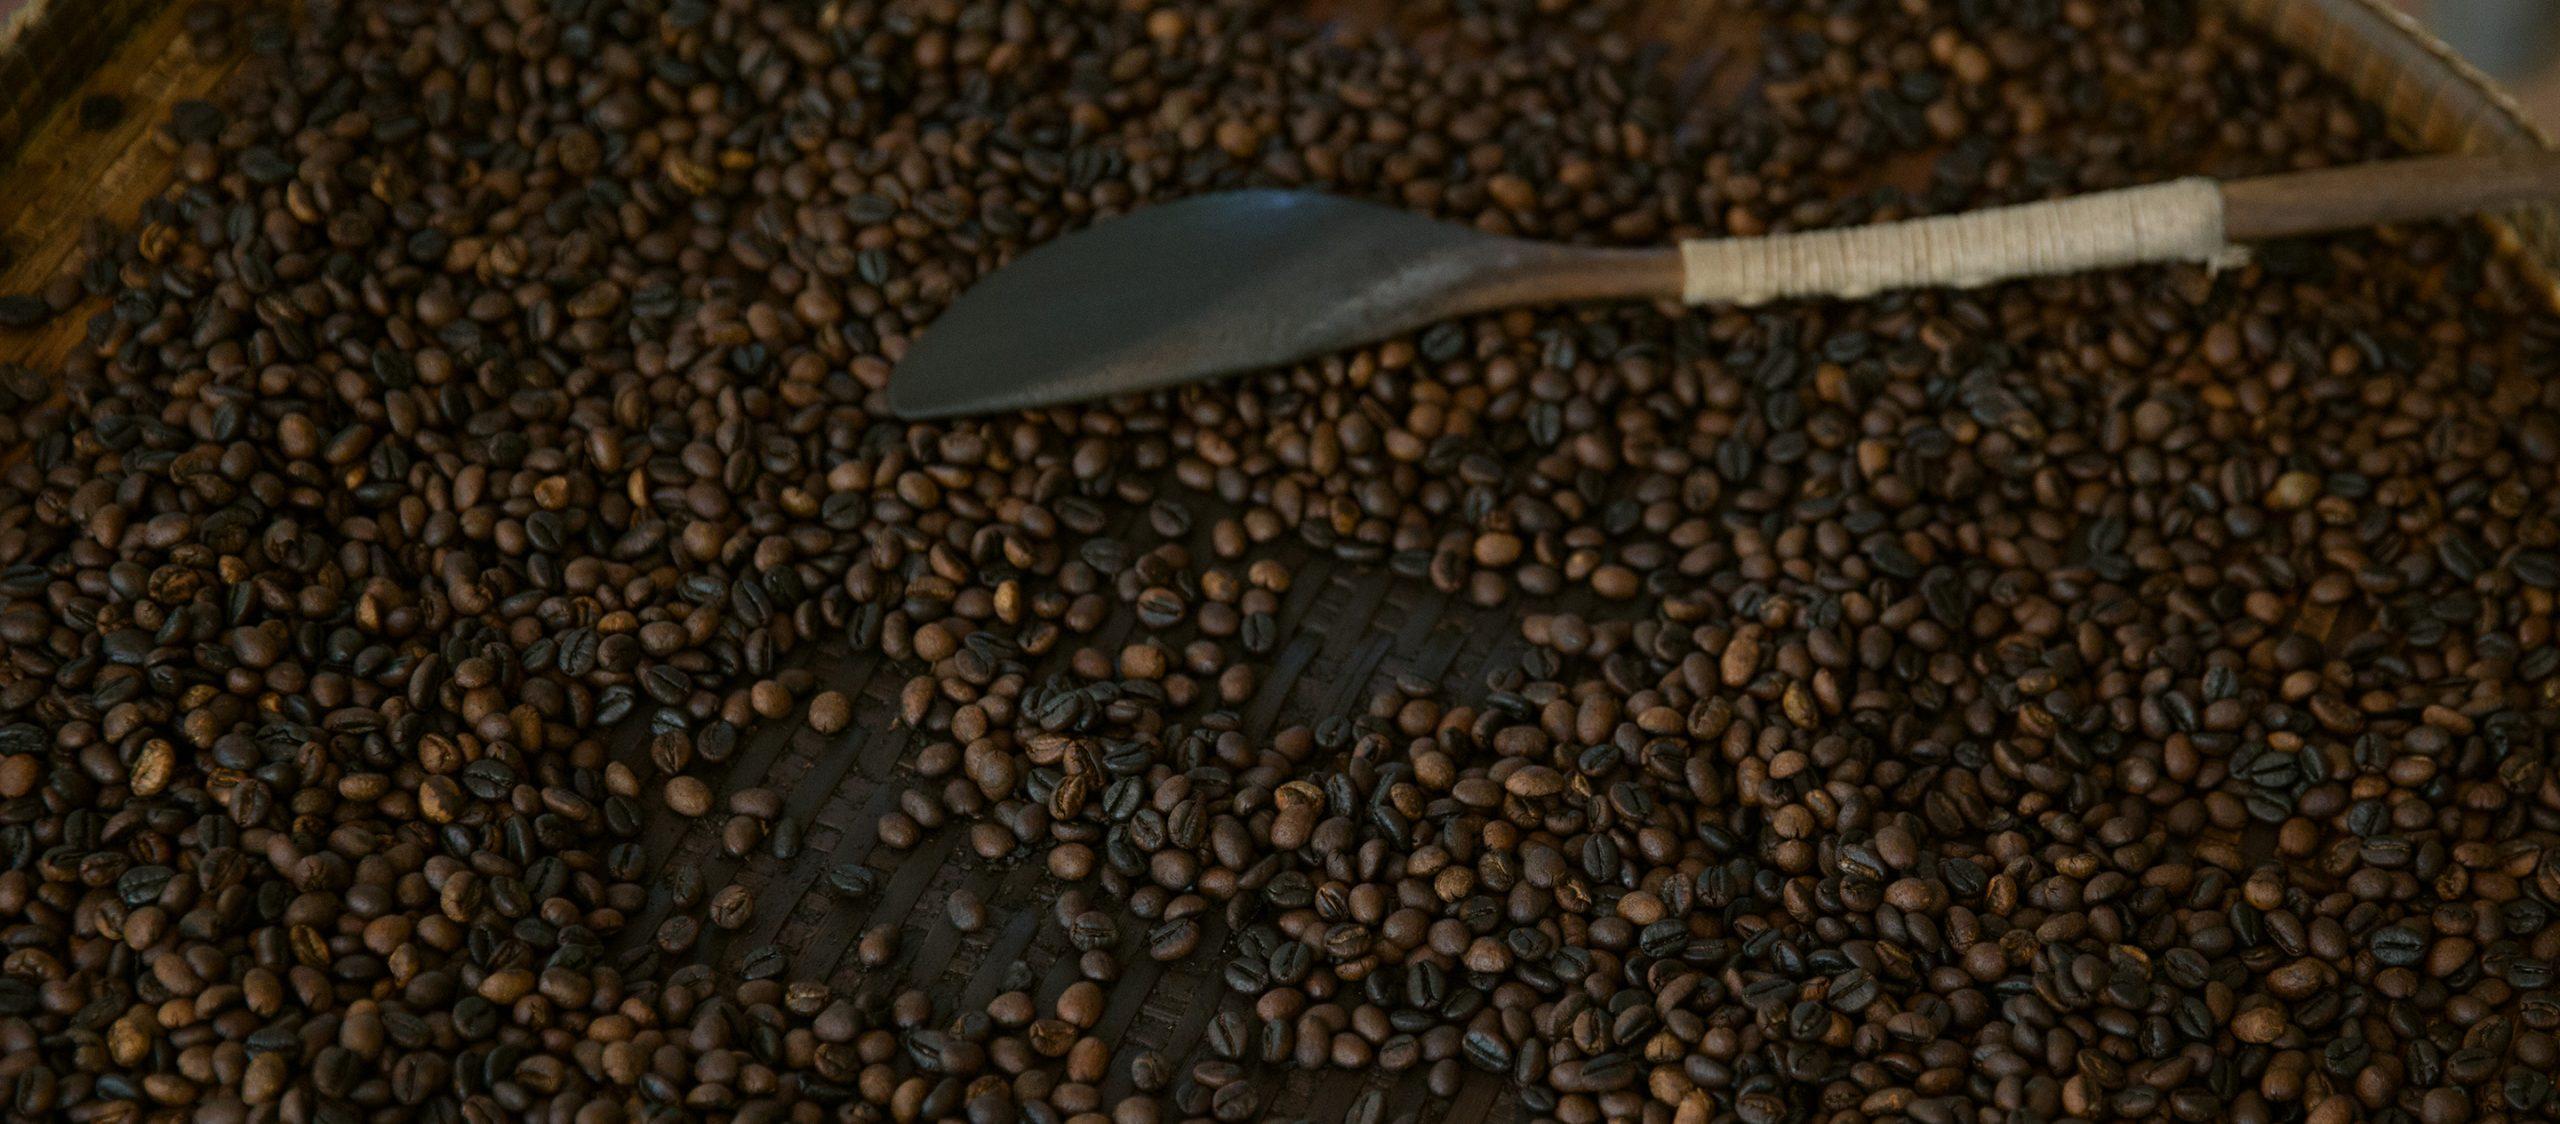 ไฟน์โรบัสต้า : กาแฟสายรองจากแดนใต้ ที่กำลังหายใจรดต้นคอกาแฟพิเศษไทย